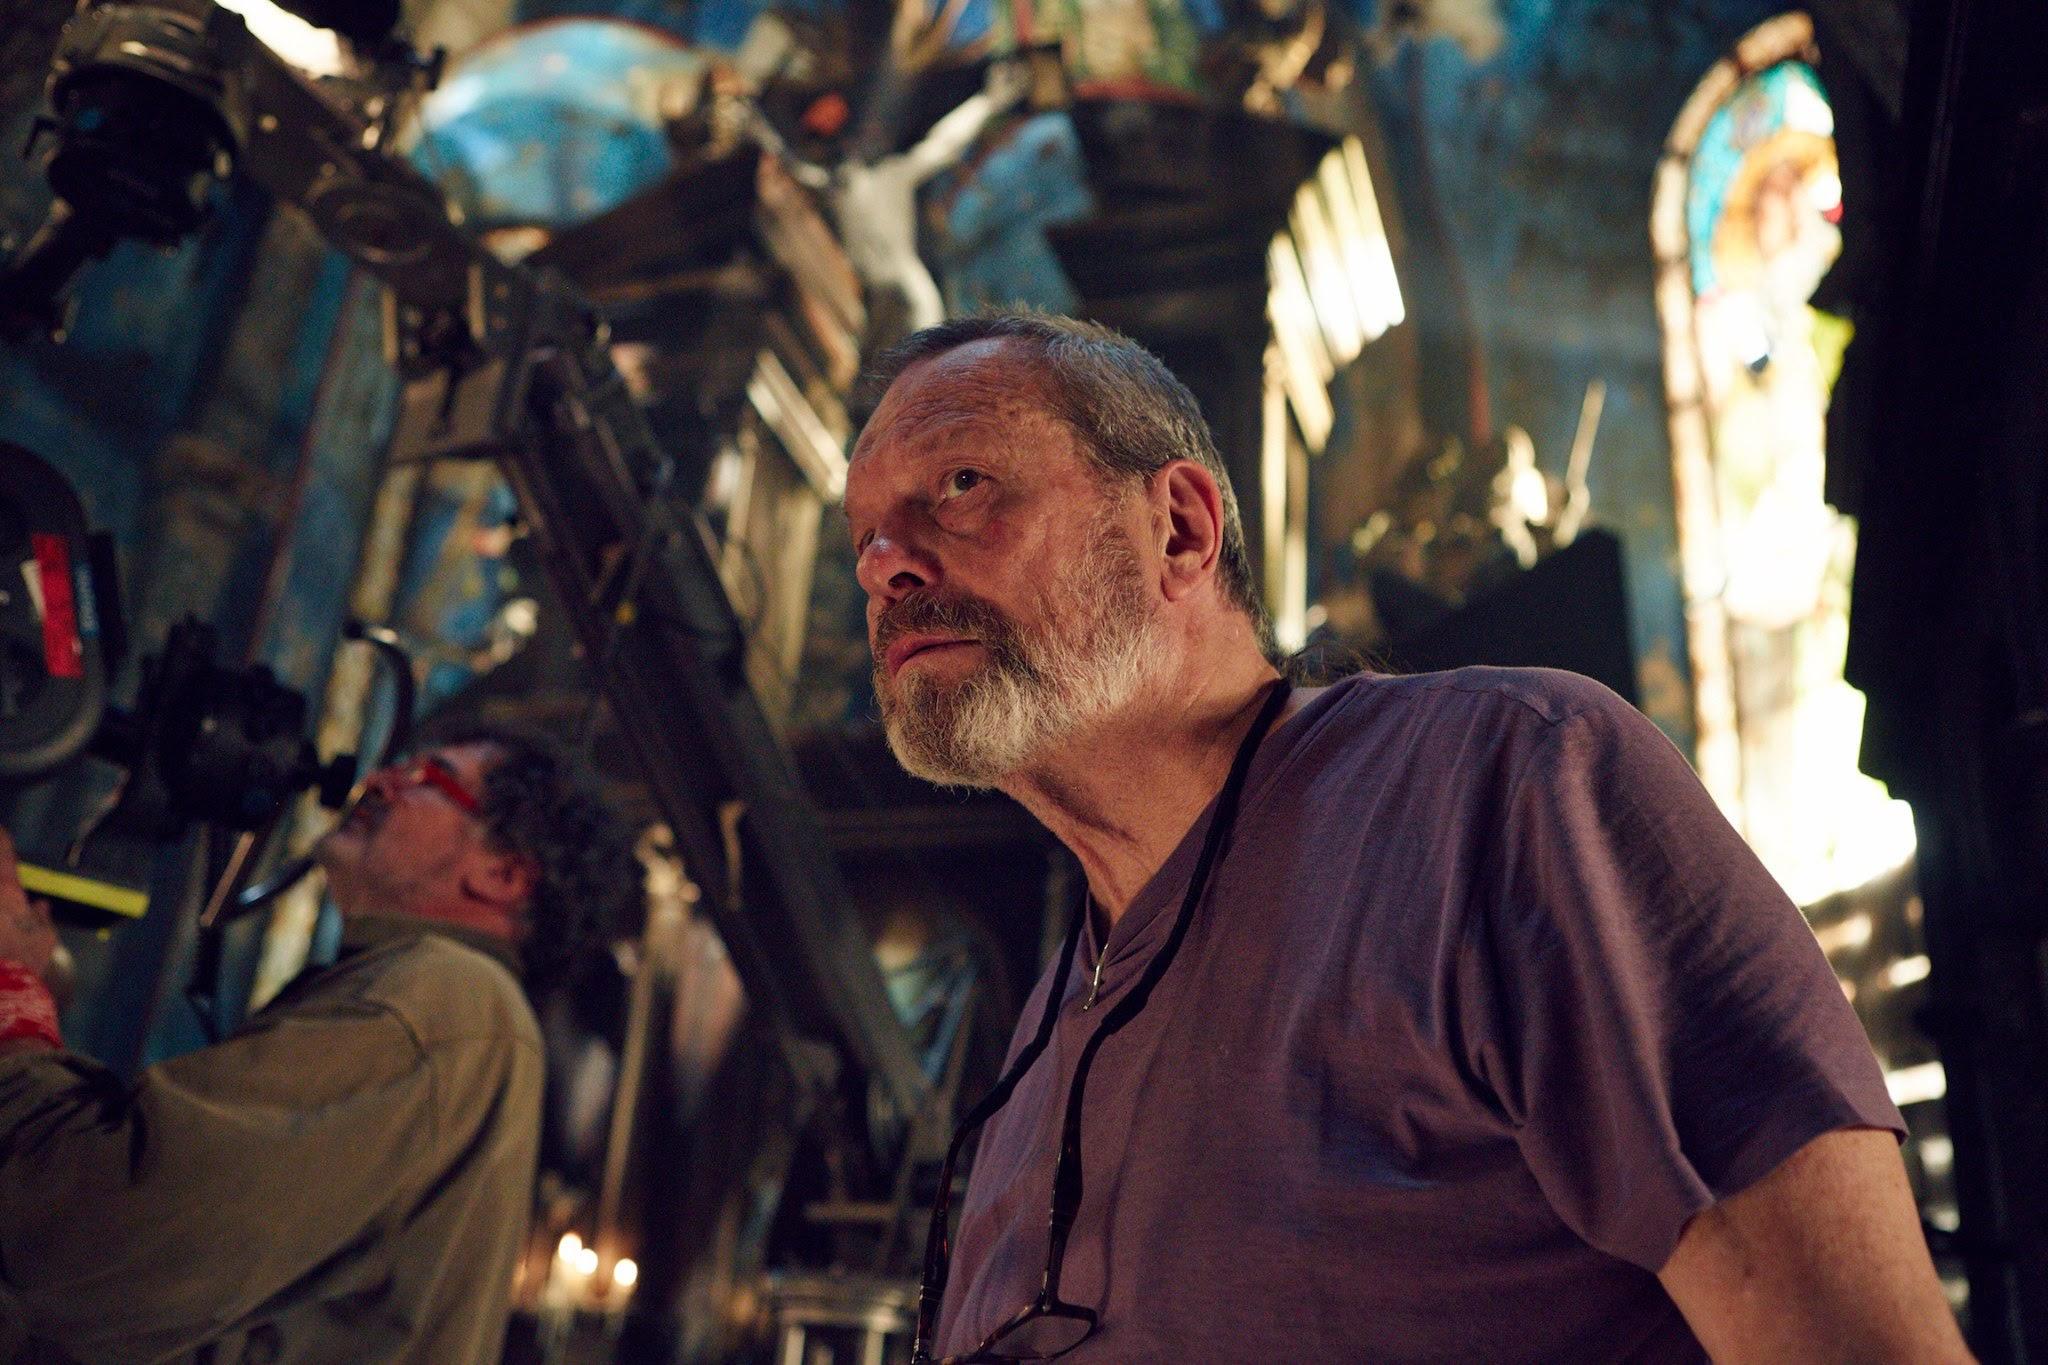 Terry Gilliam said Avengers Infinity War Made Me Smile :「未来世紀ブラジル」などの鬼才テリー・ギリアム監督が、コミックヒーローものはどれも同じ内容の退屈な映画だが、「アベンジャーズ : インフィニティ・ウォー」には脱帽して、思わず、ほくそ笑んだ ! ! と発言 ! !